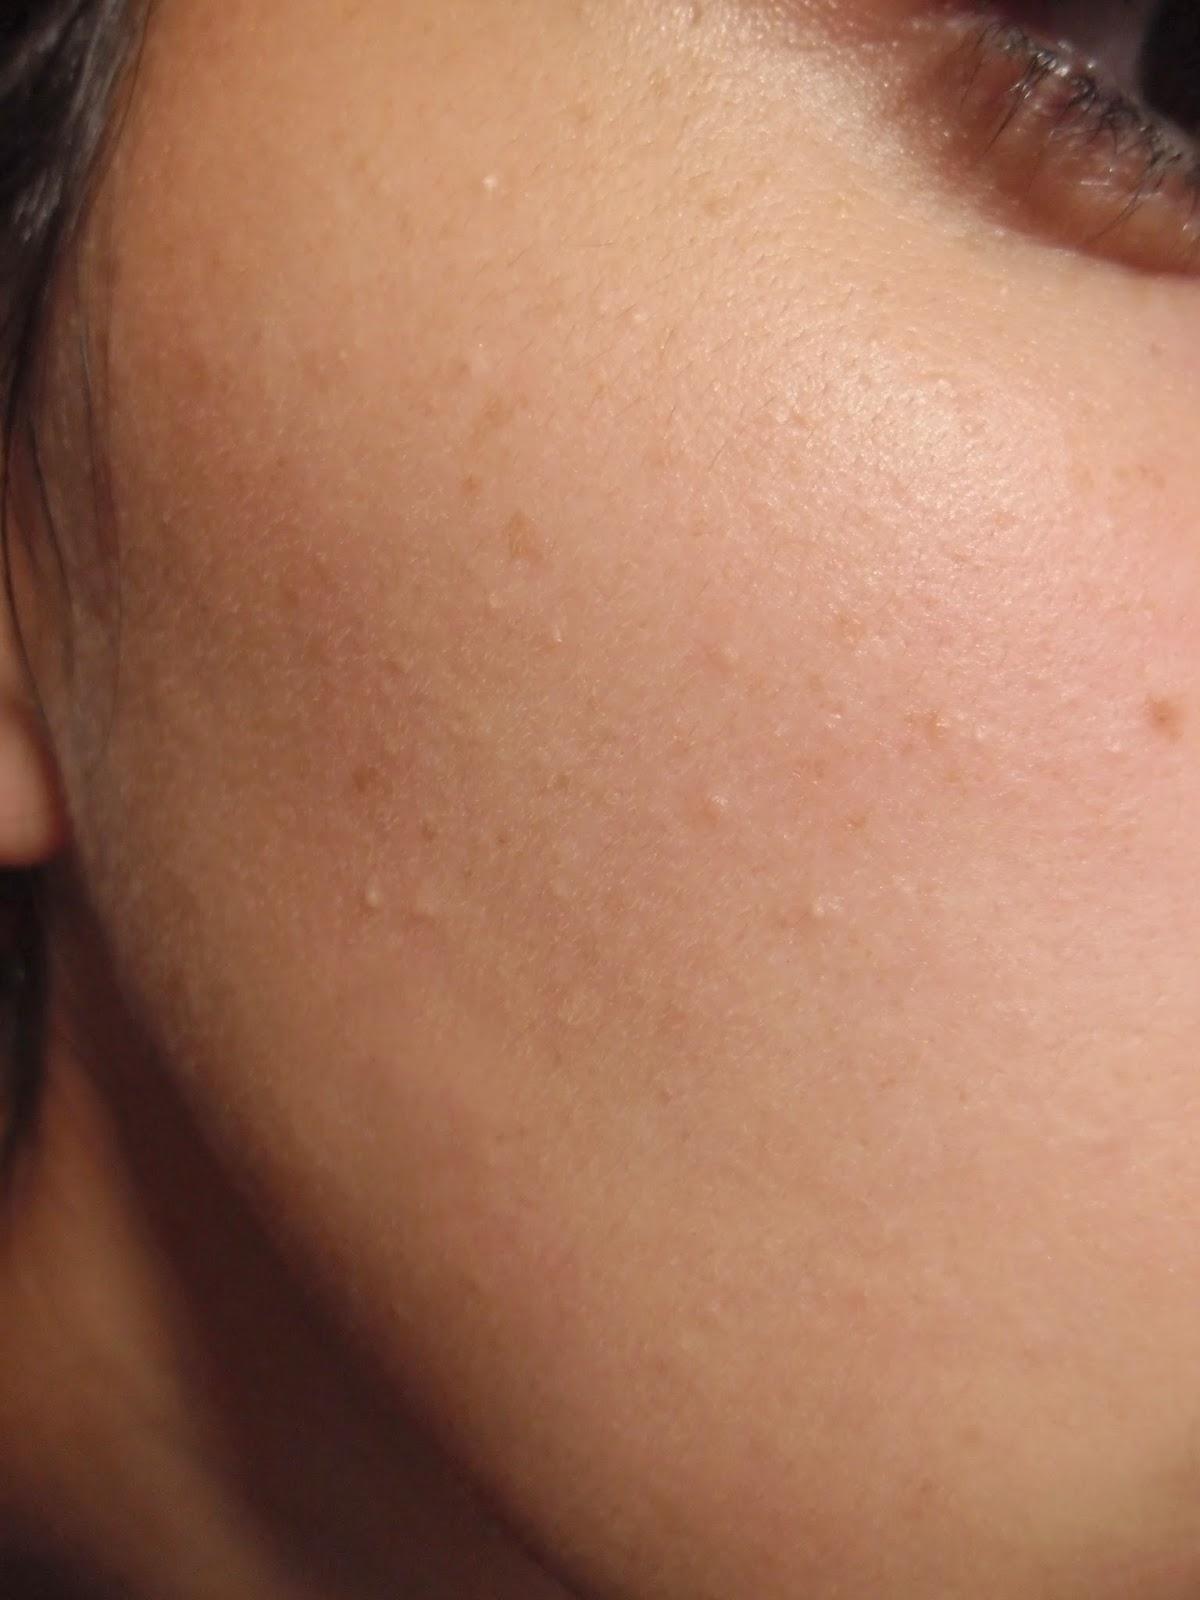 11 Maneras Naturales De Hacer Retirarse Los Puntos Blancos Tengo Puntos Blancos En La Cara